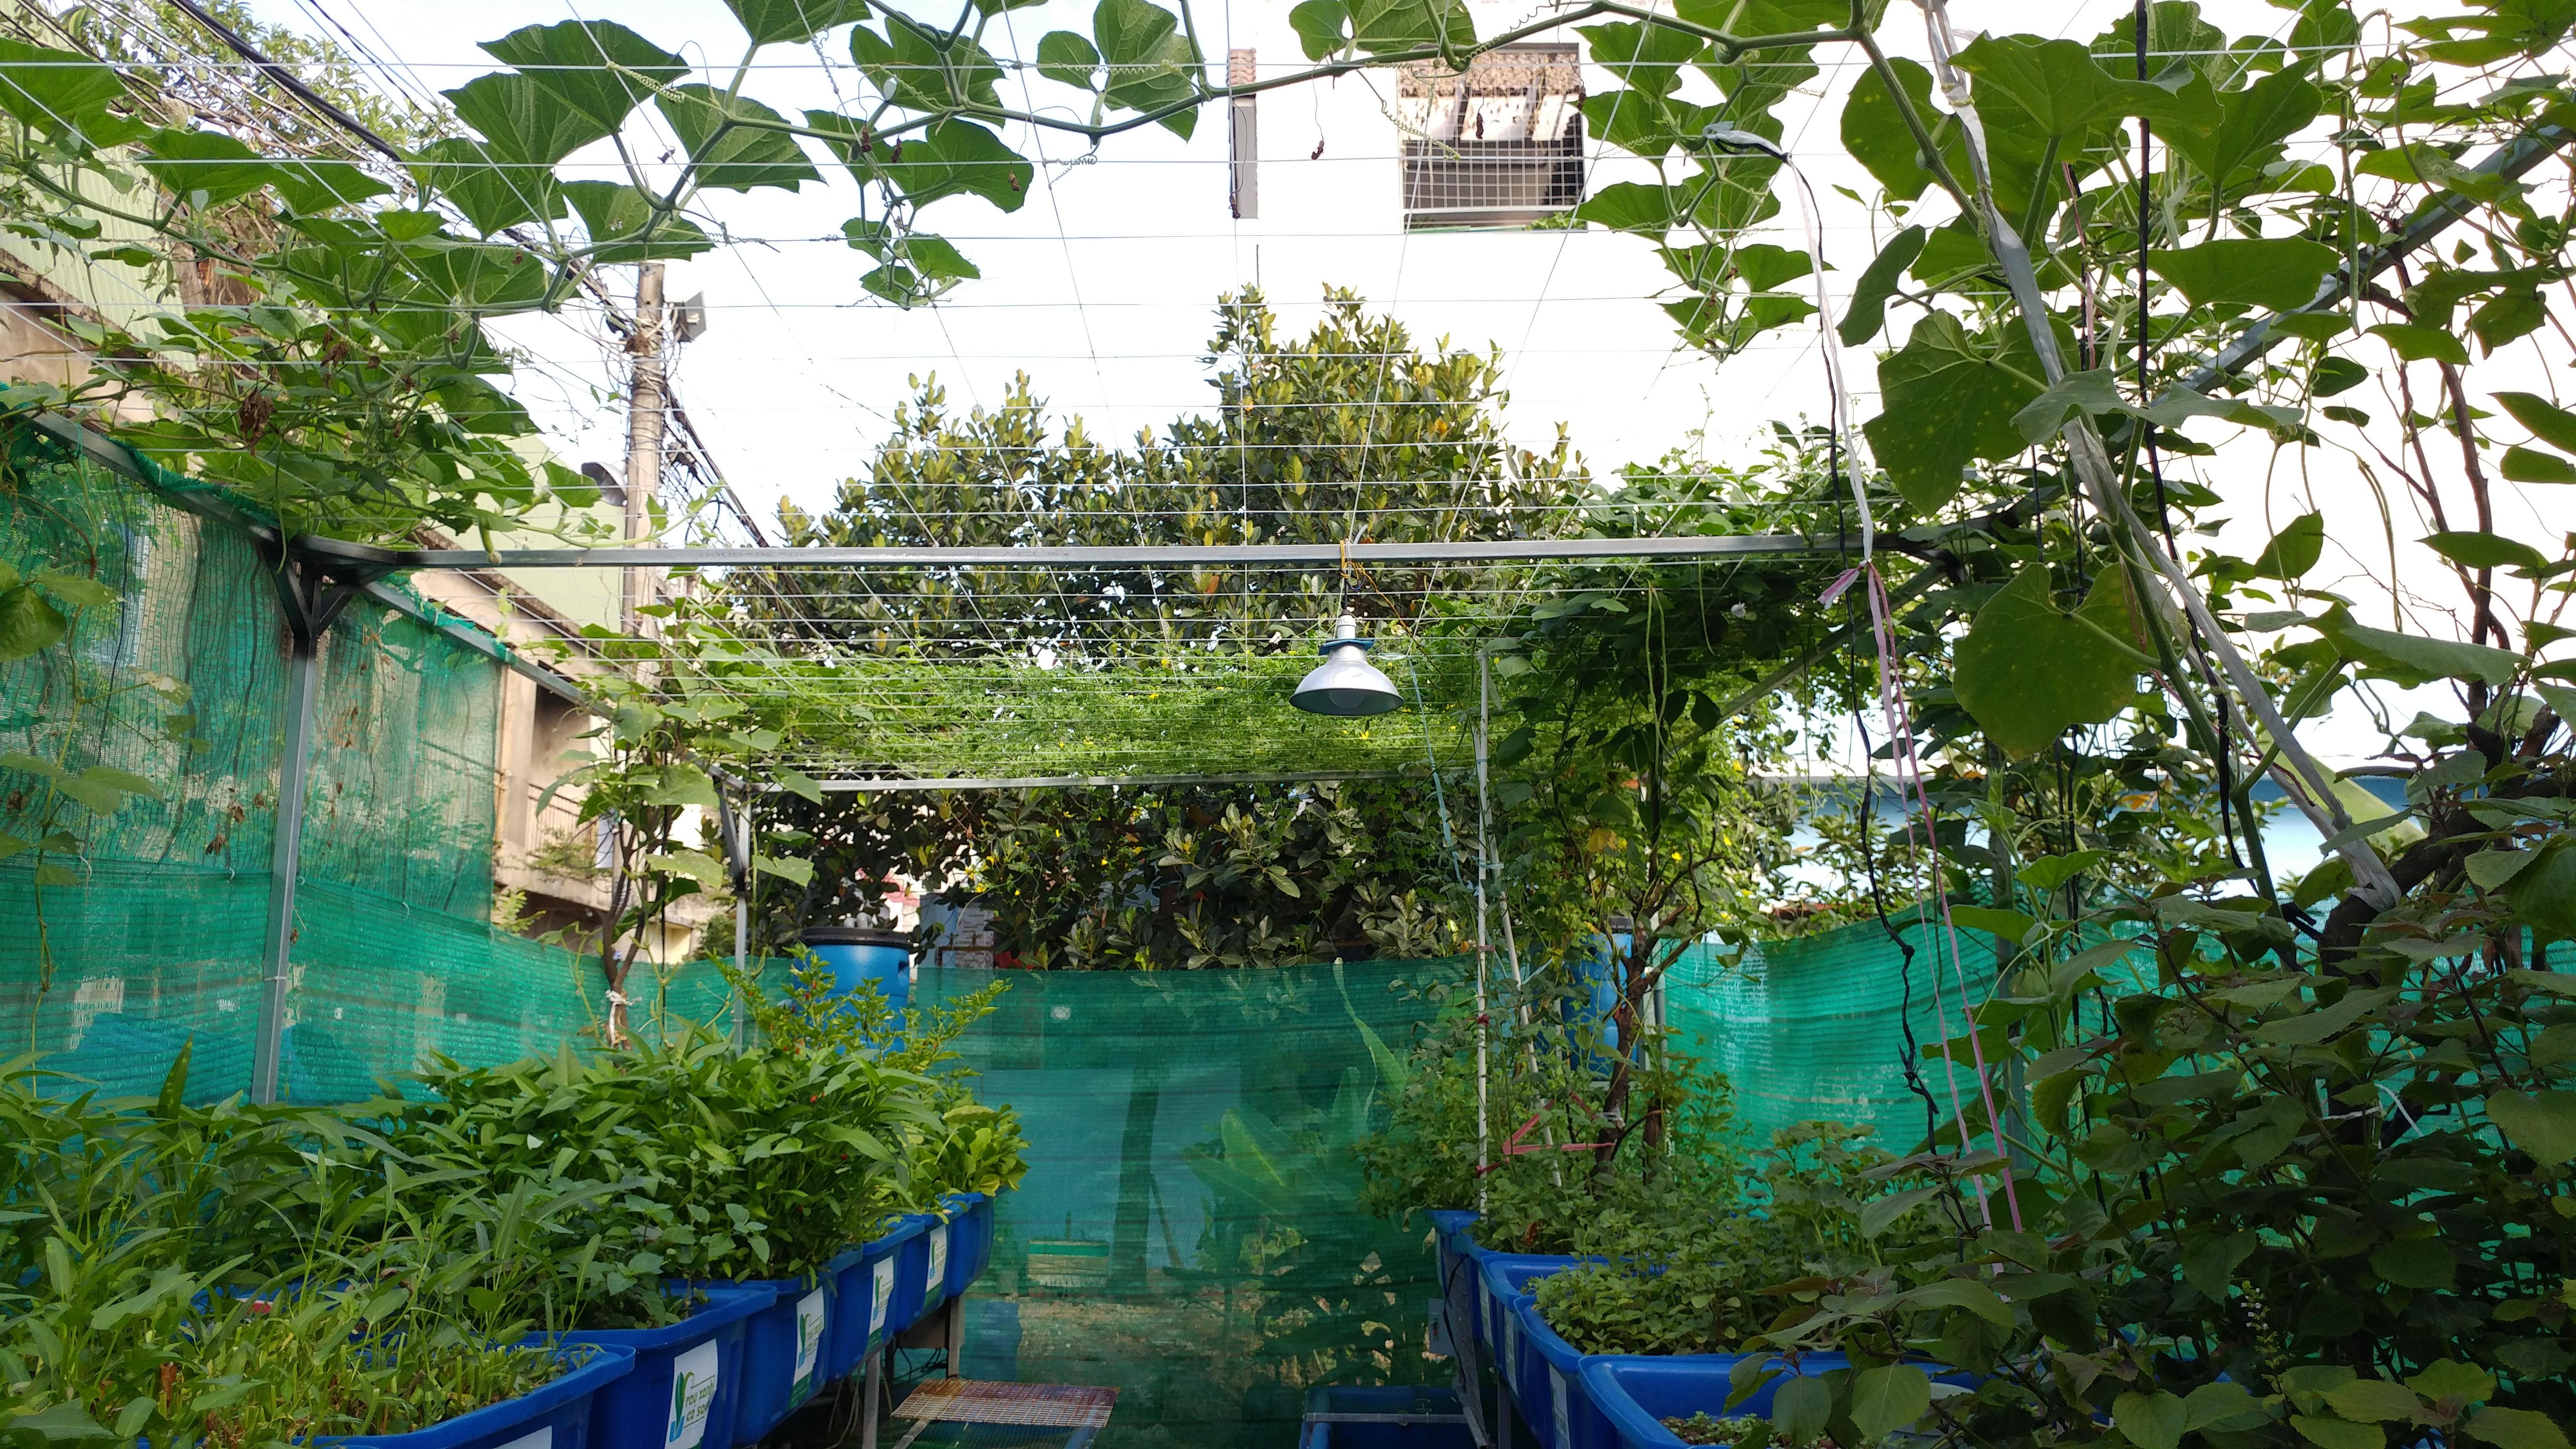 Toan-canh-mo-hinh-aquaponics-xanh